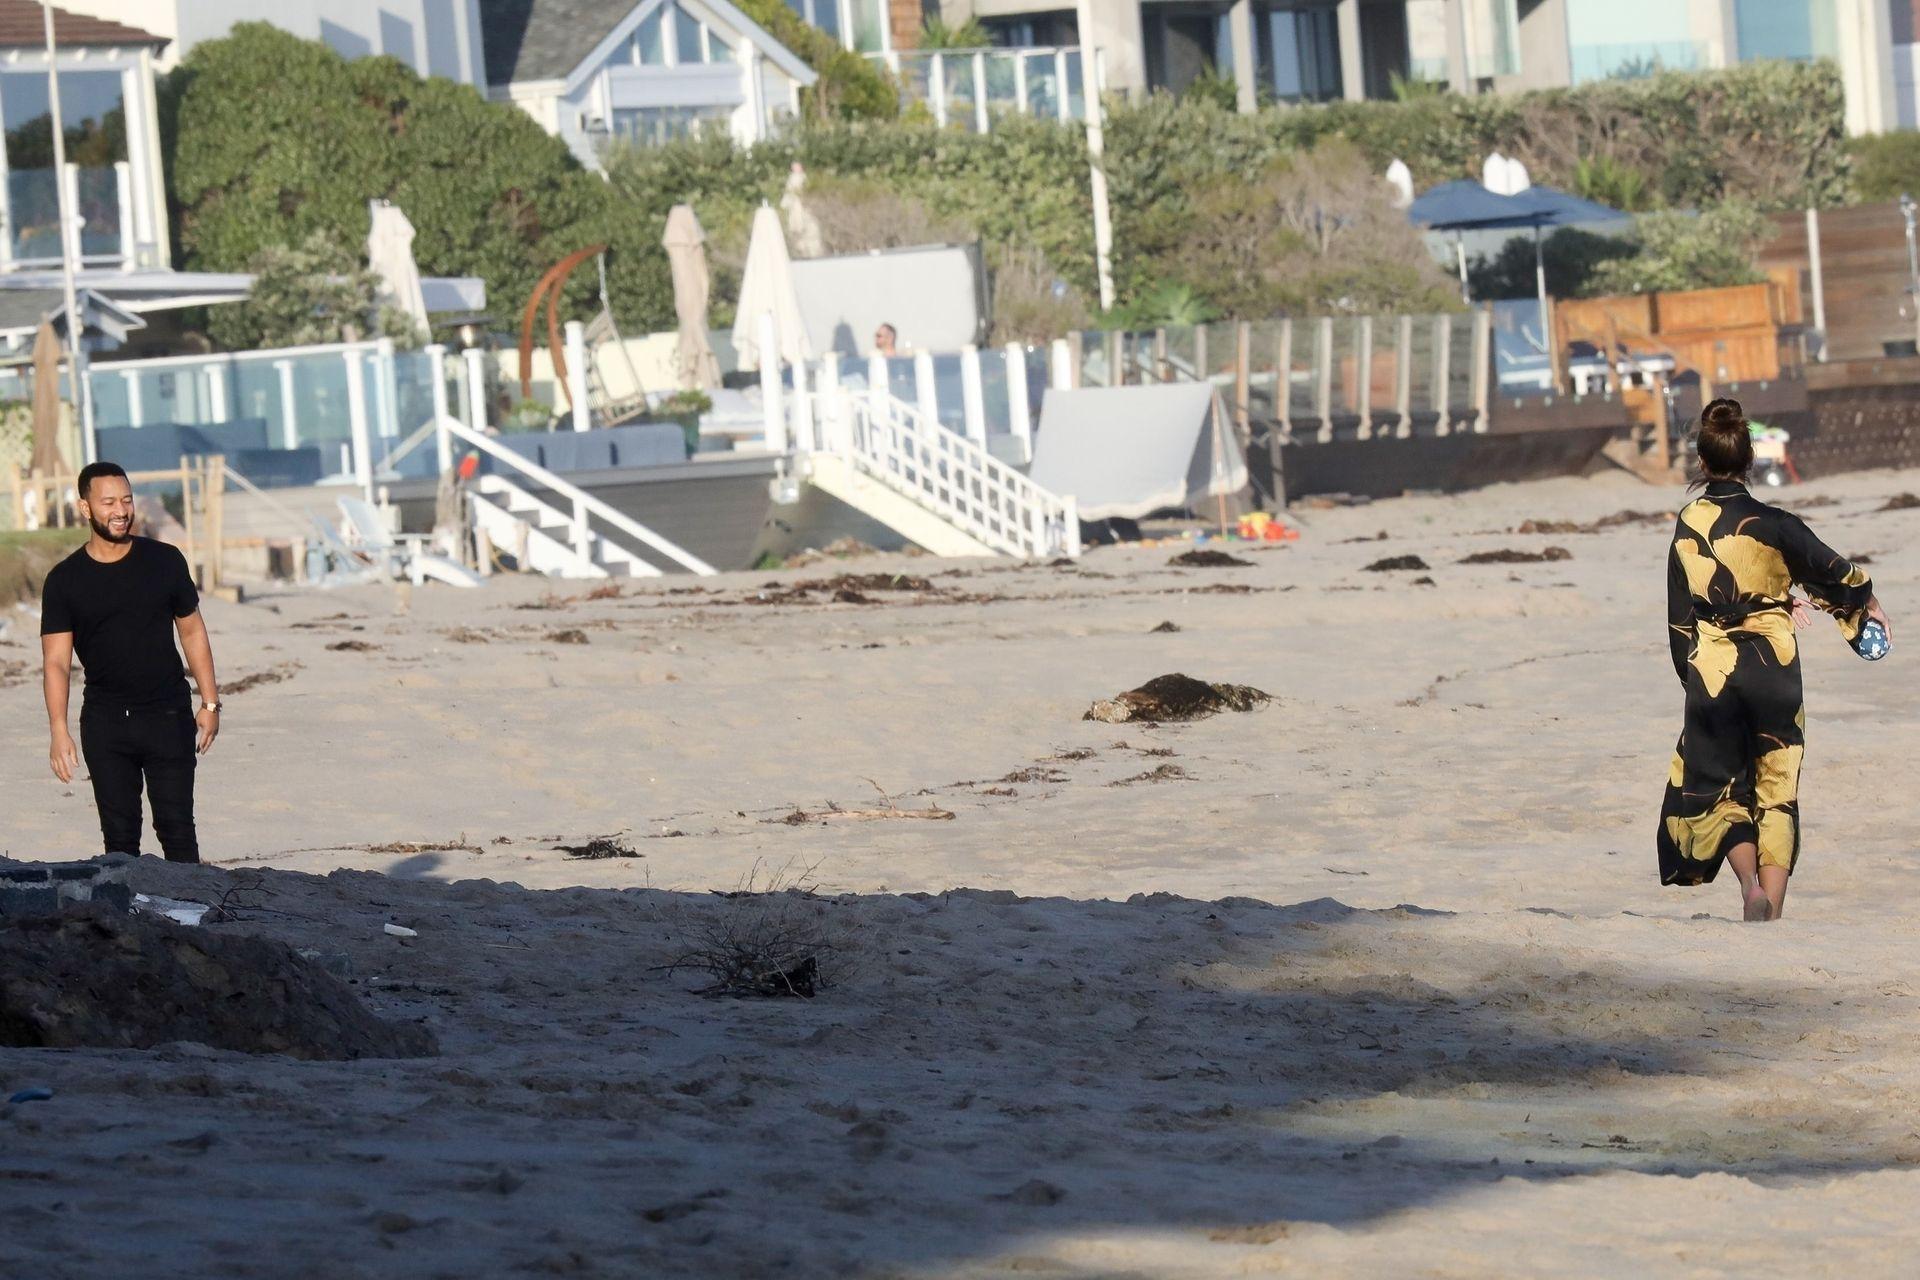 Chrissy Teigen Enjoys A Beach Day In Malibu Amid All Coronavirus Chaos 0025